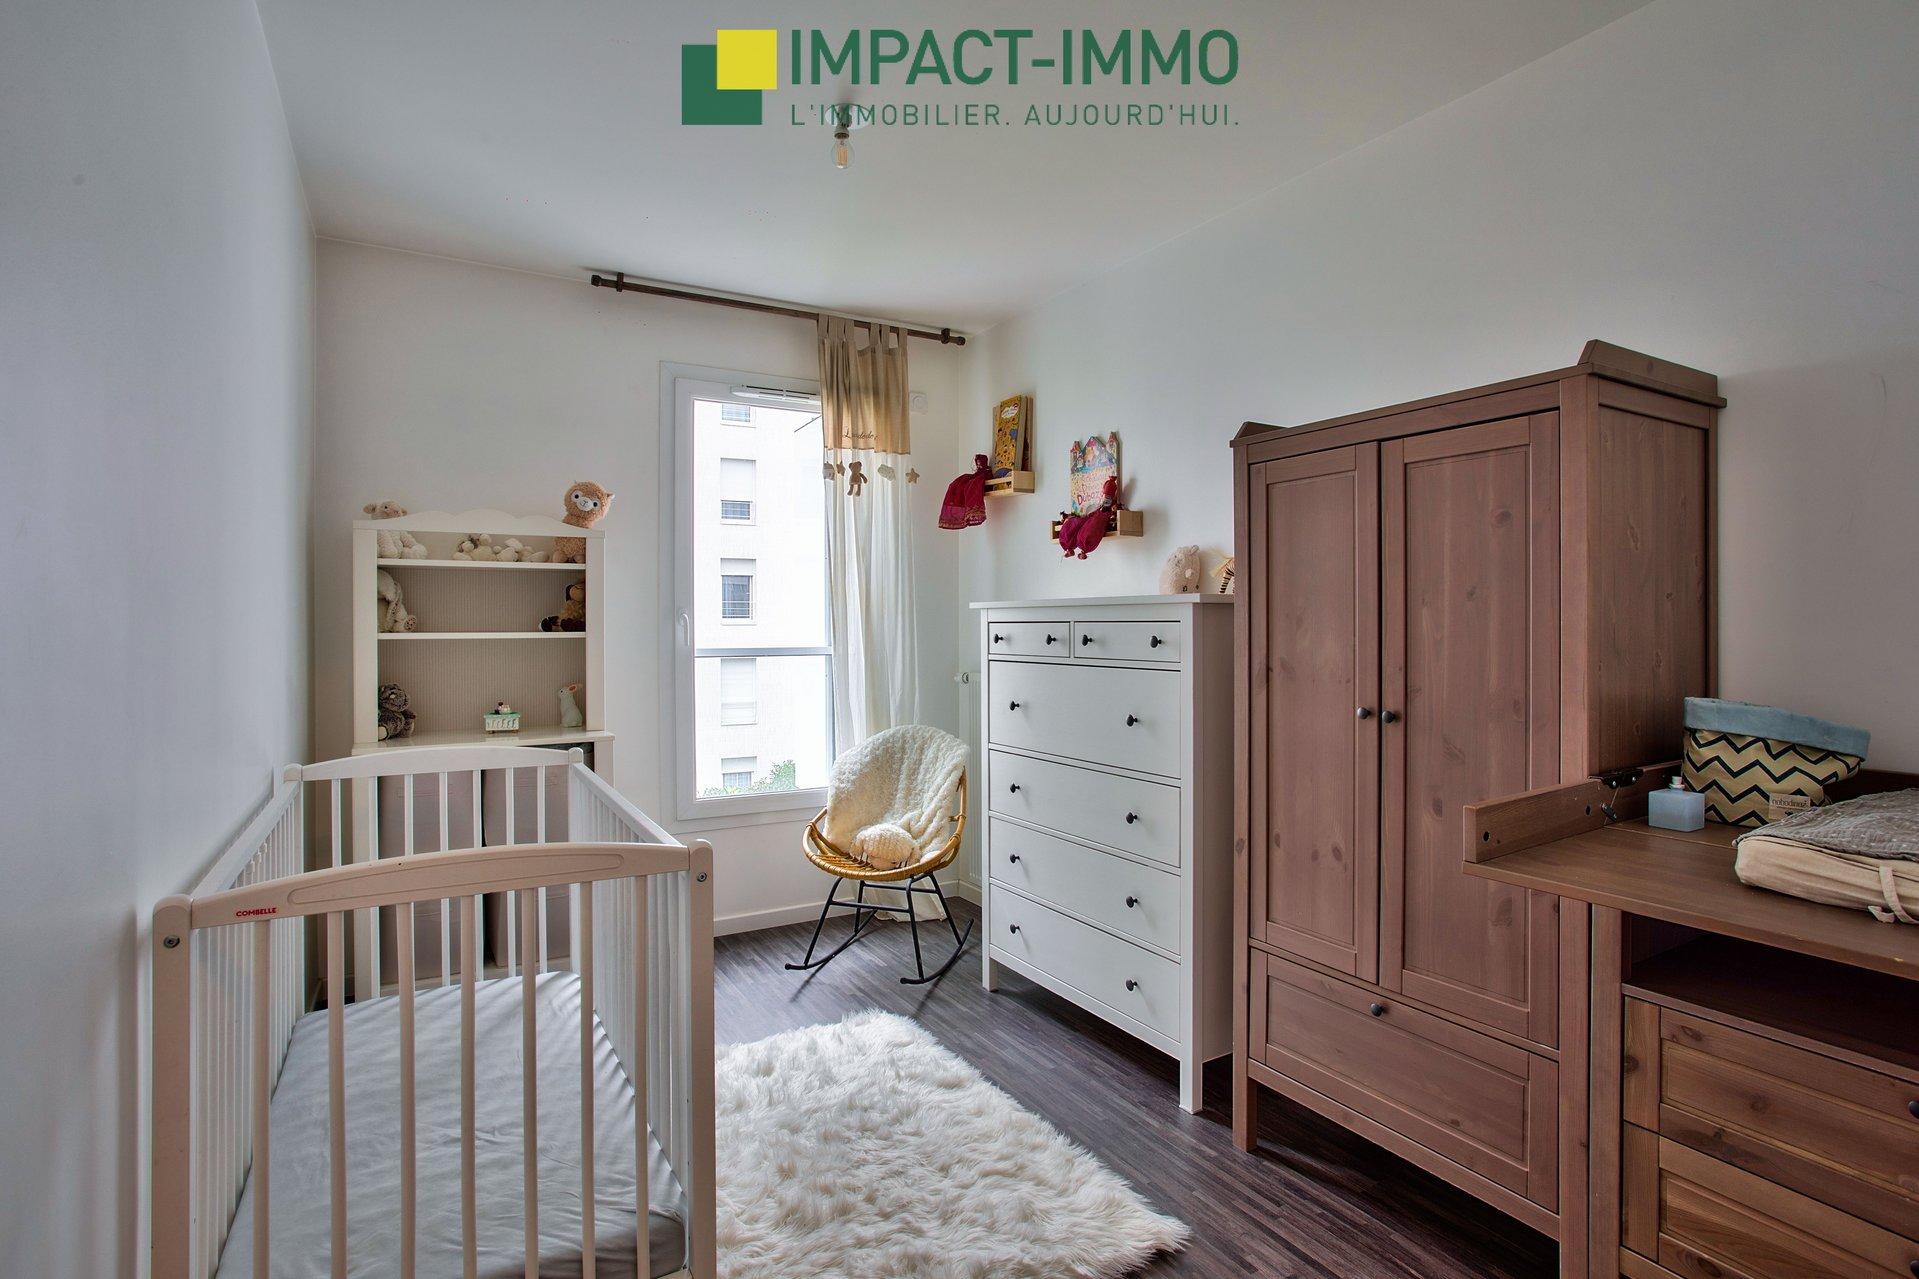 Vente Appartement - Saint-Ouen-sur-Seine